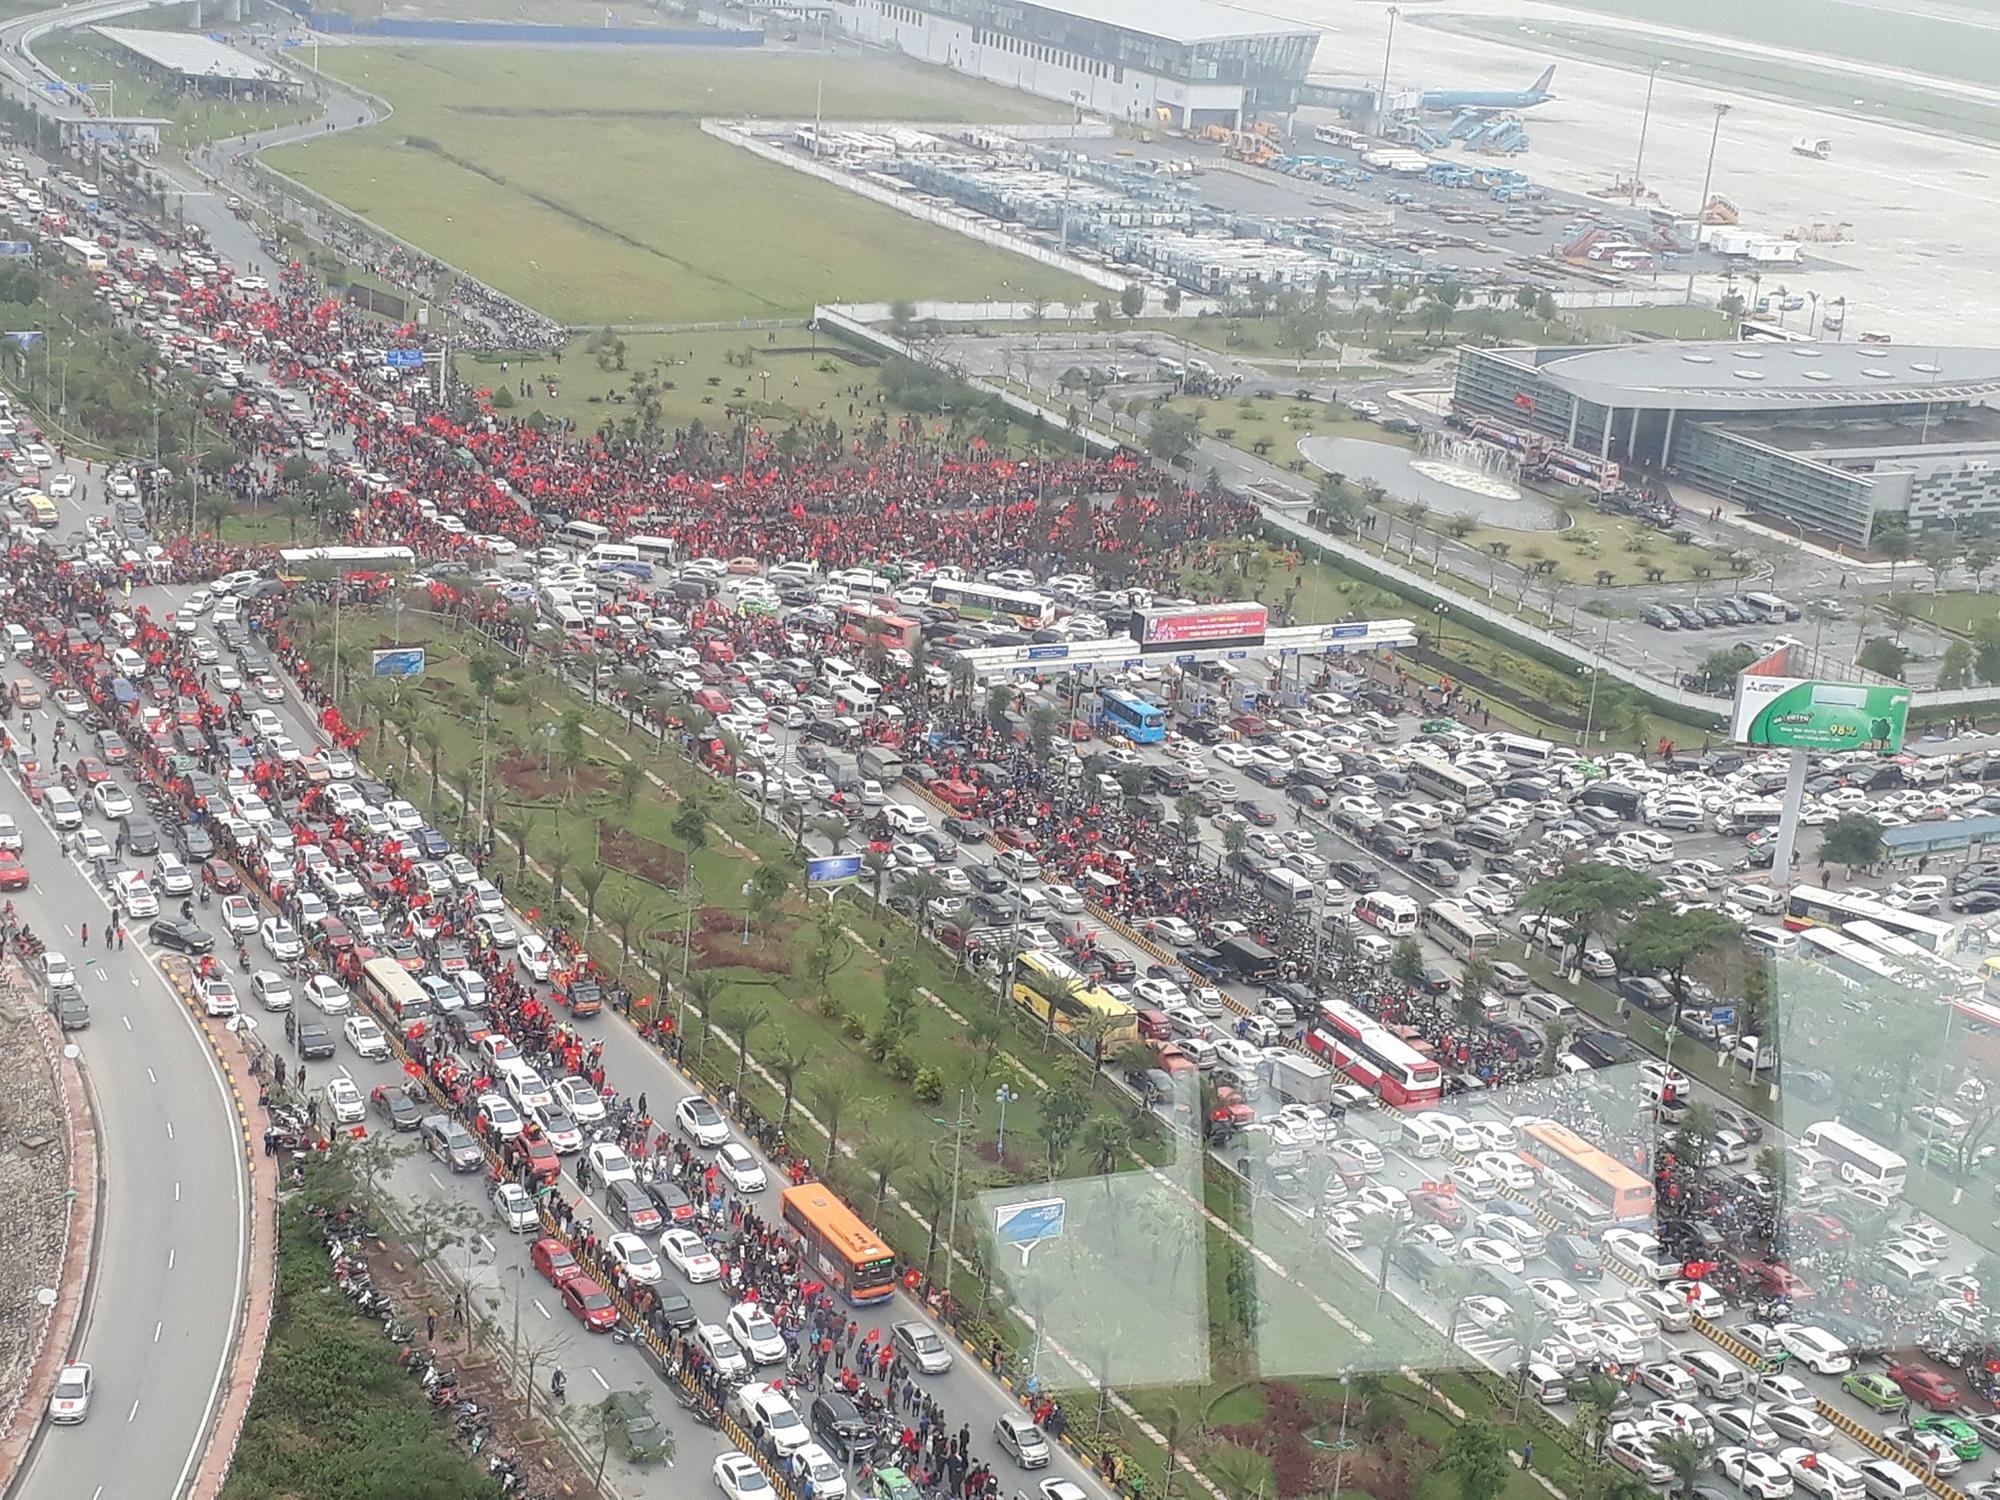 Dù sân bay Nội Bài chật kín, nhiều hành khách vẫn vui vẻ kéo vali đi bộ hơn 1km để vào nhà ga T2 - Ảnh 1.